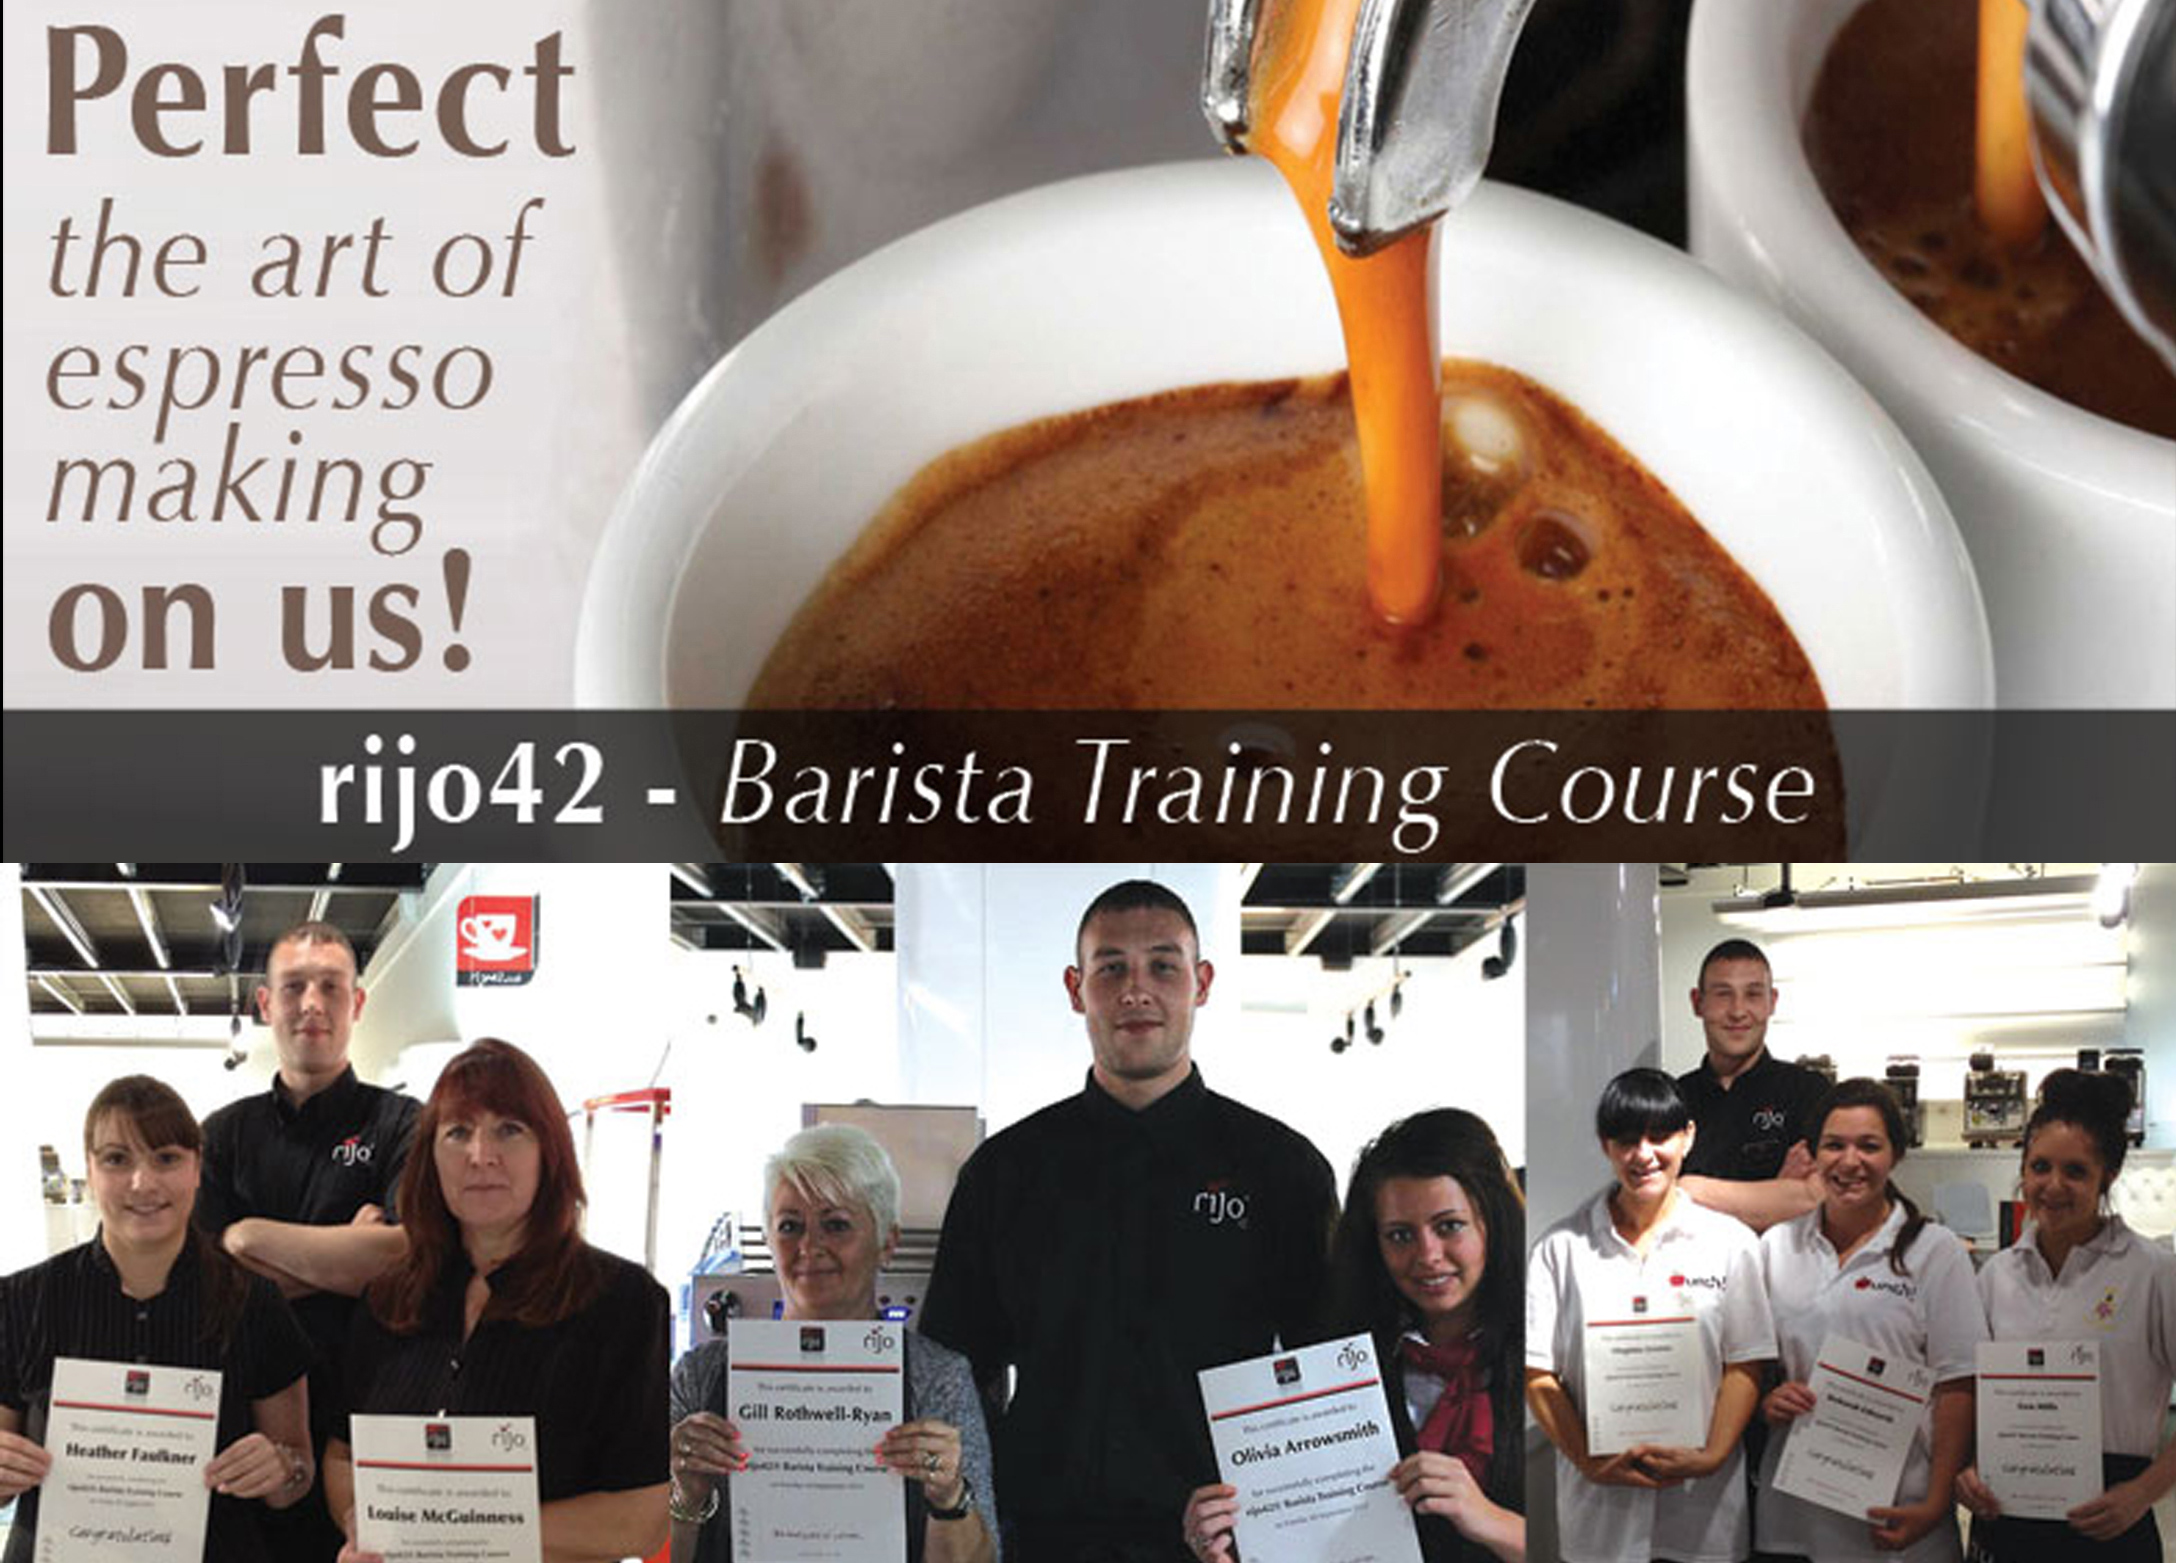 rijo42 Barista Training Course